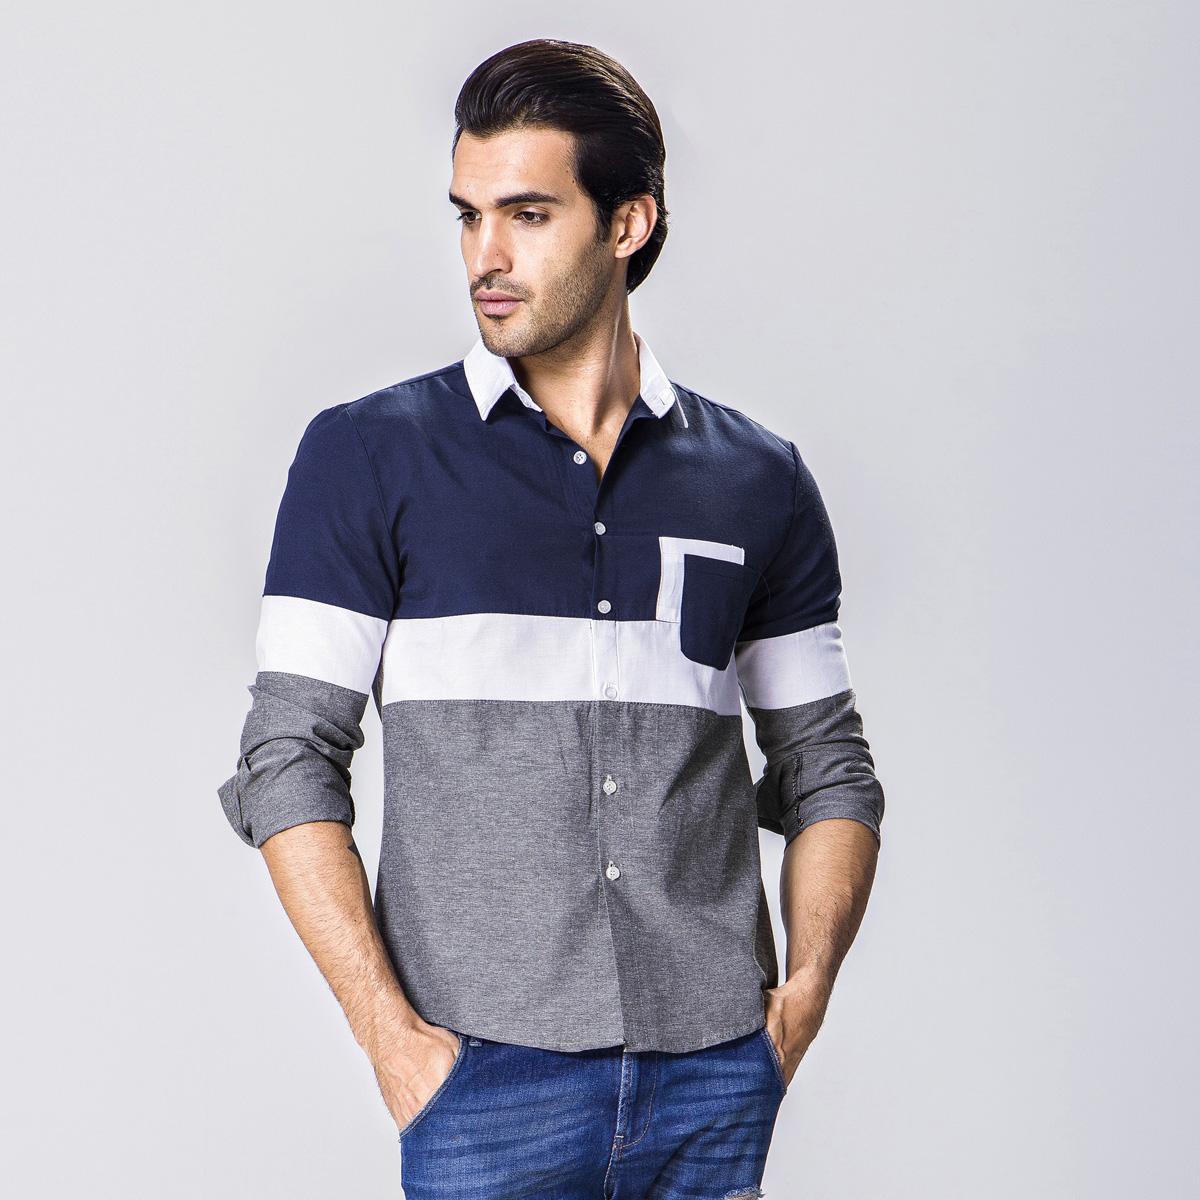 Compra Camisas de tela oxford para los hombres online al